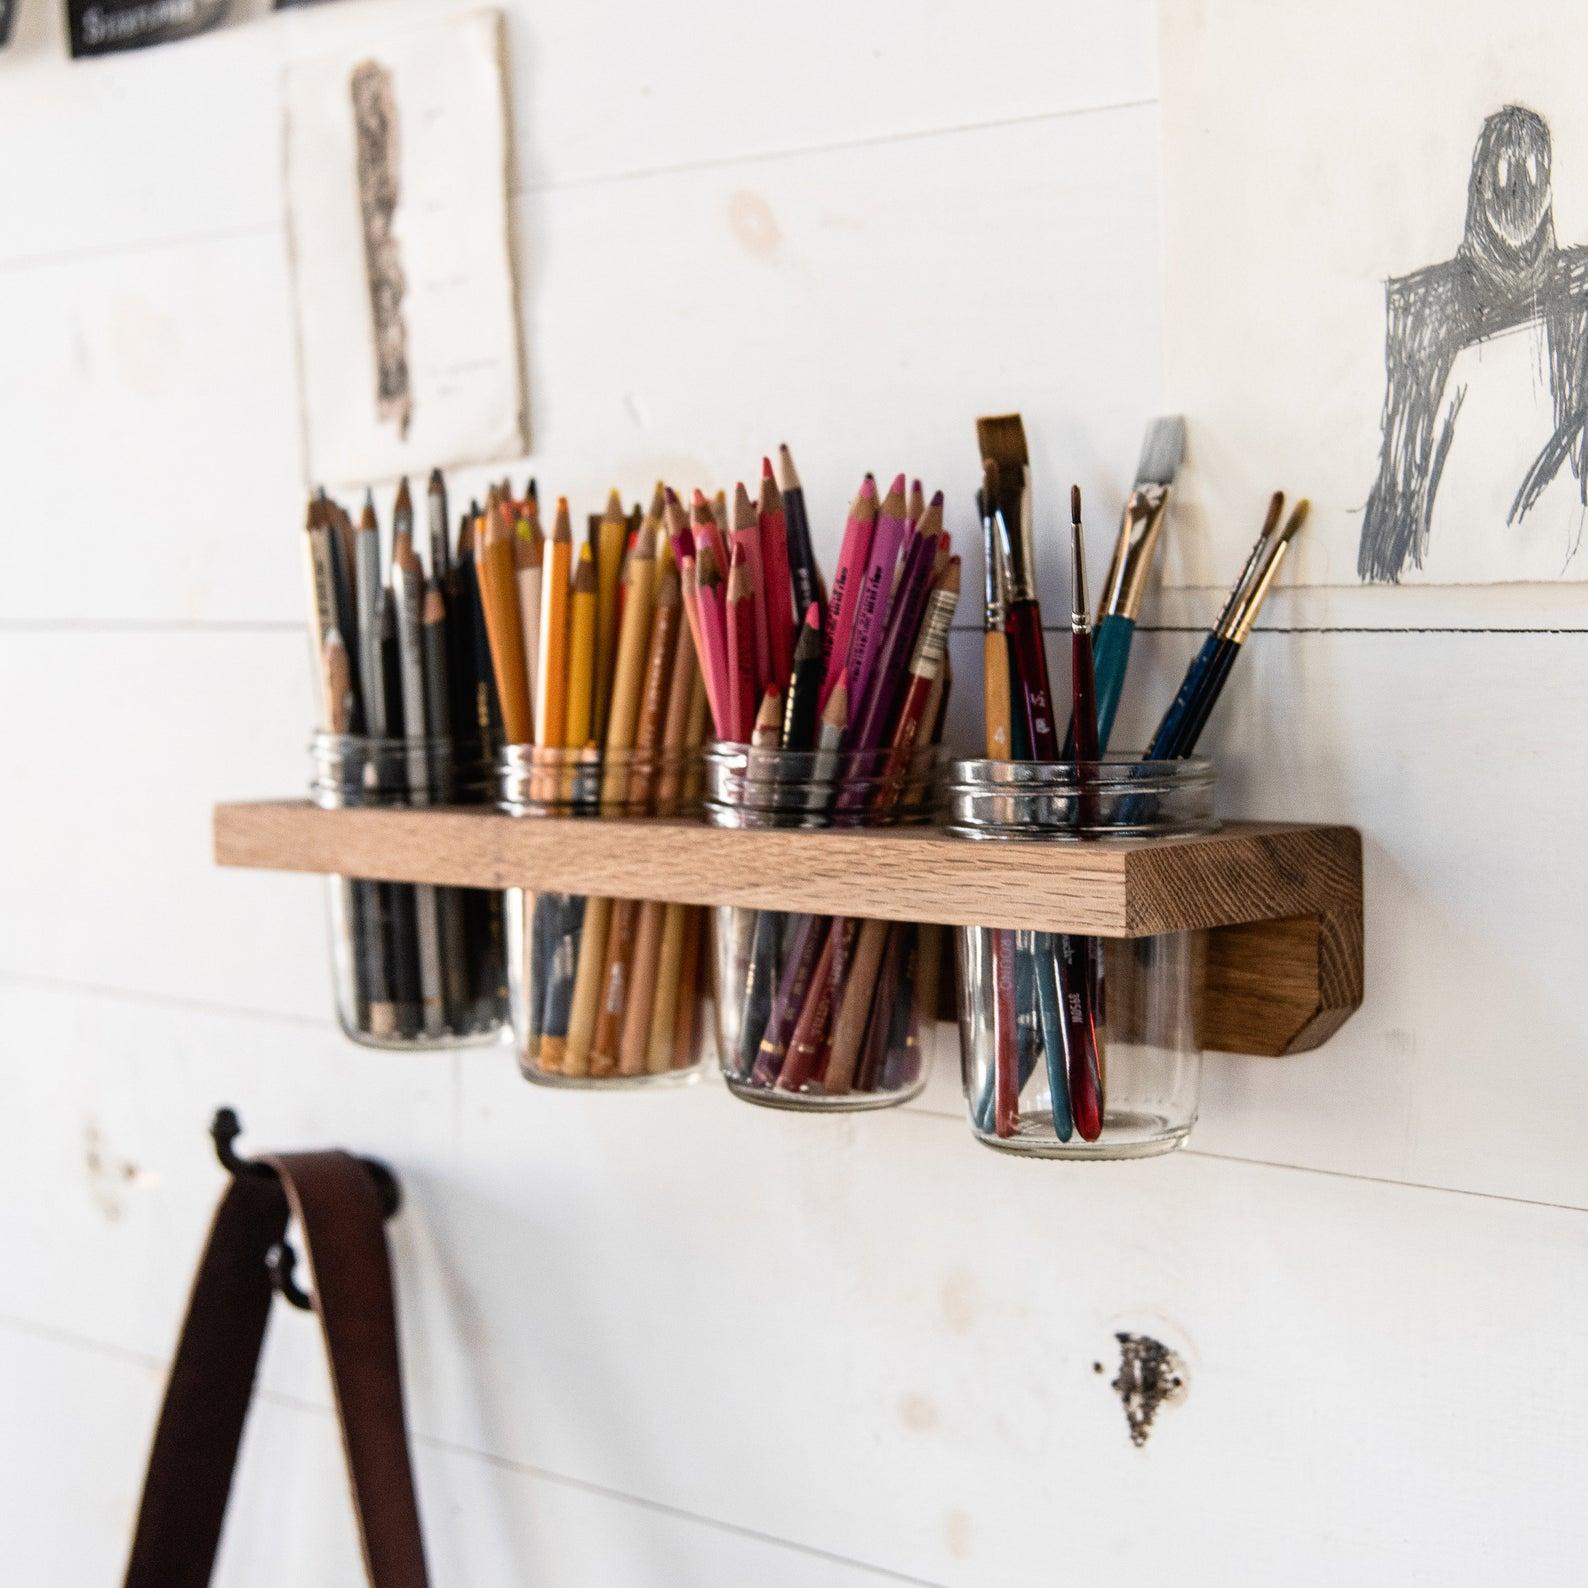 4 Mason Jar Wall Caddy, Bathroom Shelf, Hygge Kitchen Organization, Home Decor, Bathroom Storage, LANDIS CADDY by Peg and Awl